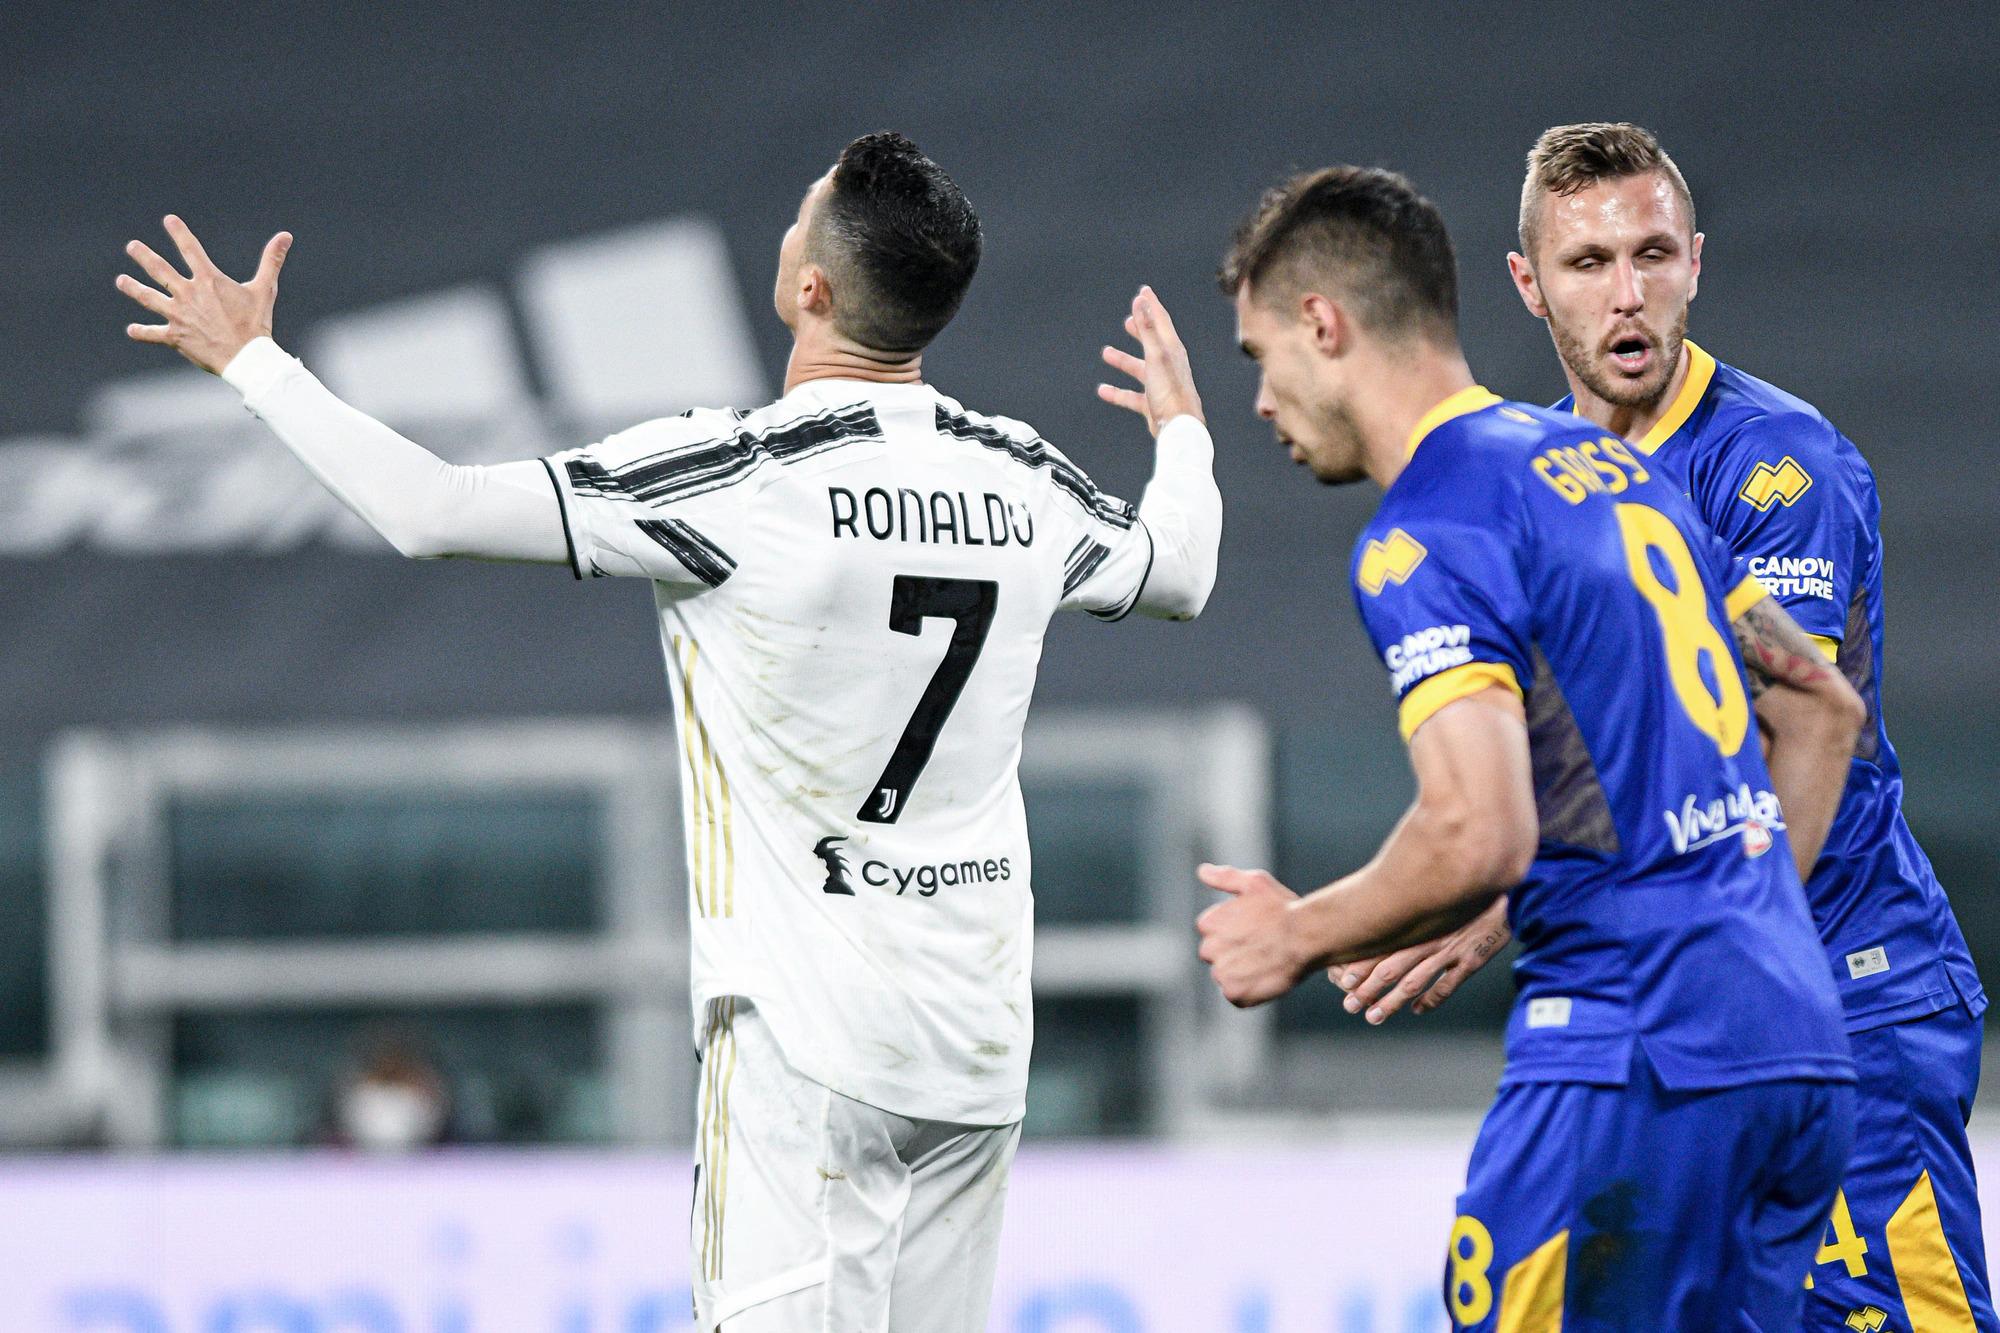 Ronaldo bức xúc sau pha hỏng ăn ở đầu trận thắng Parma hôm 21/4. Ảnh: Lapresse